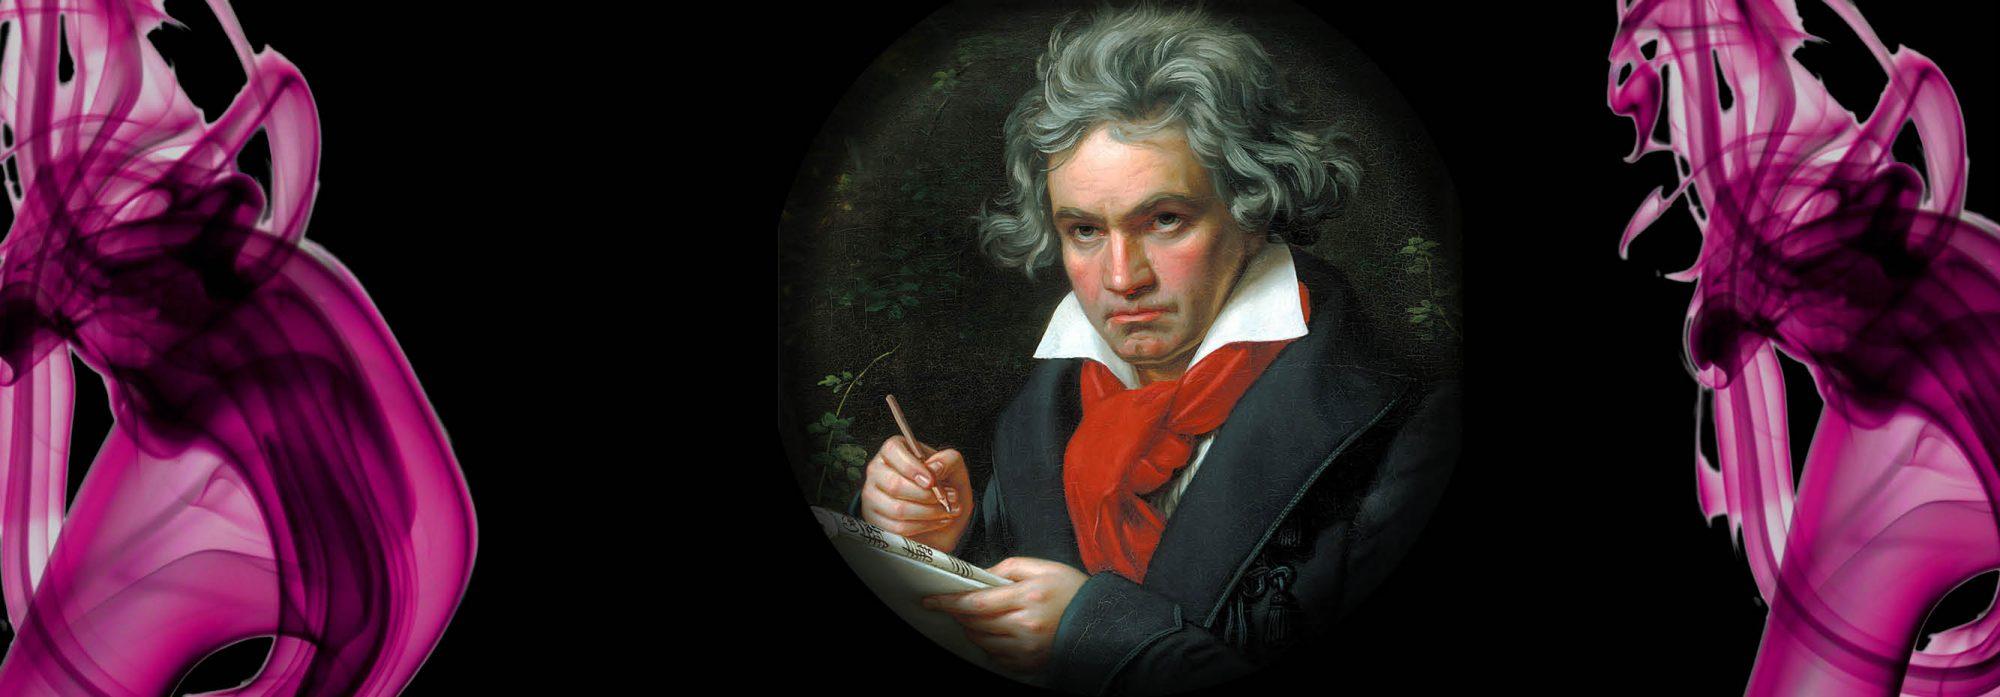 Beethovenin yhdeksäs